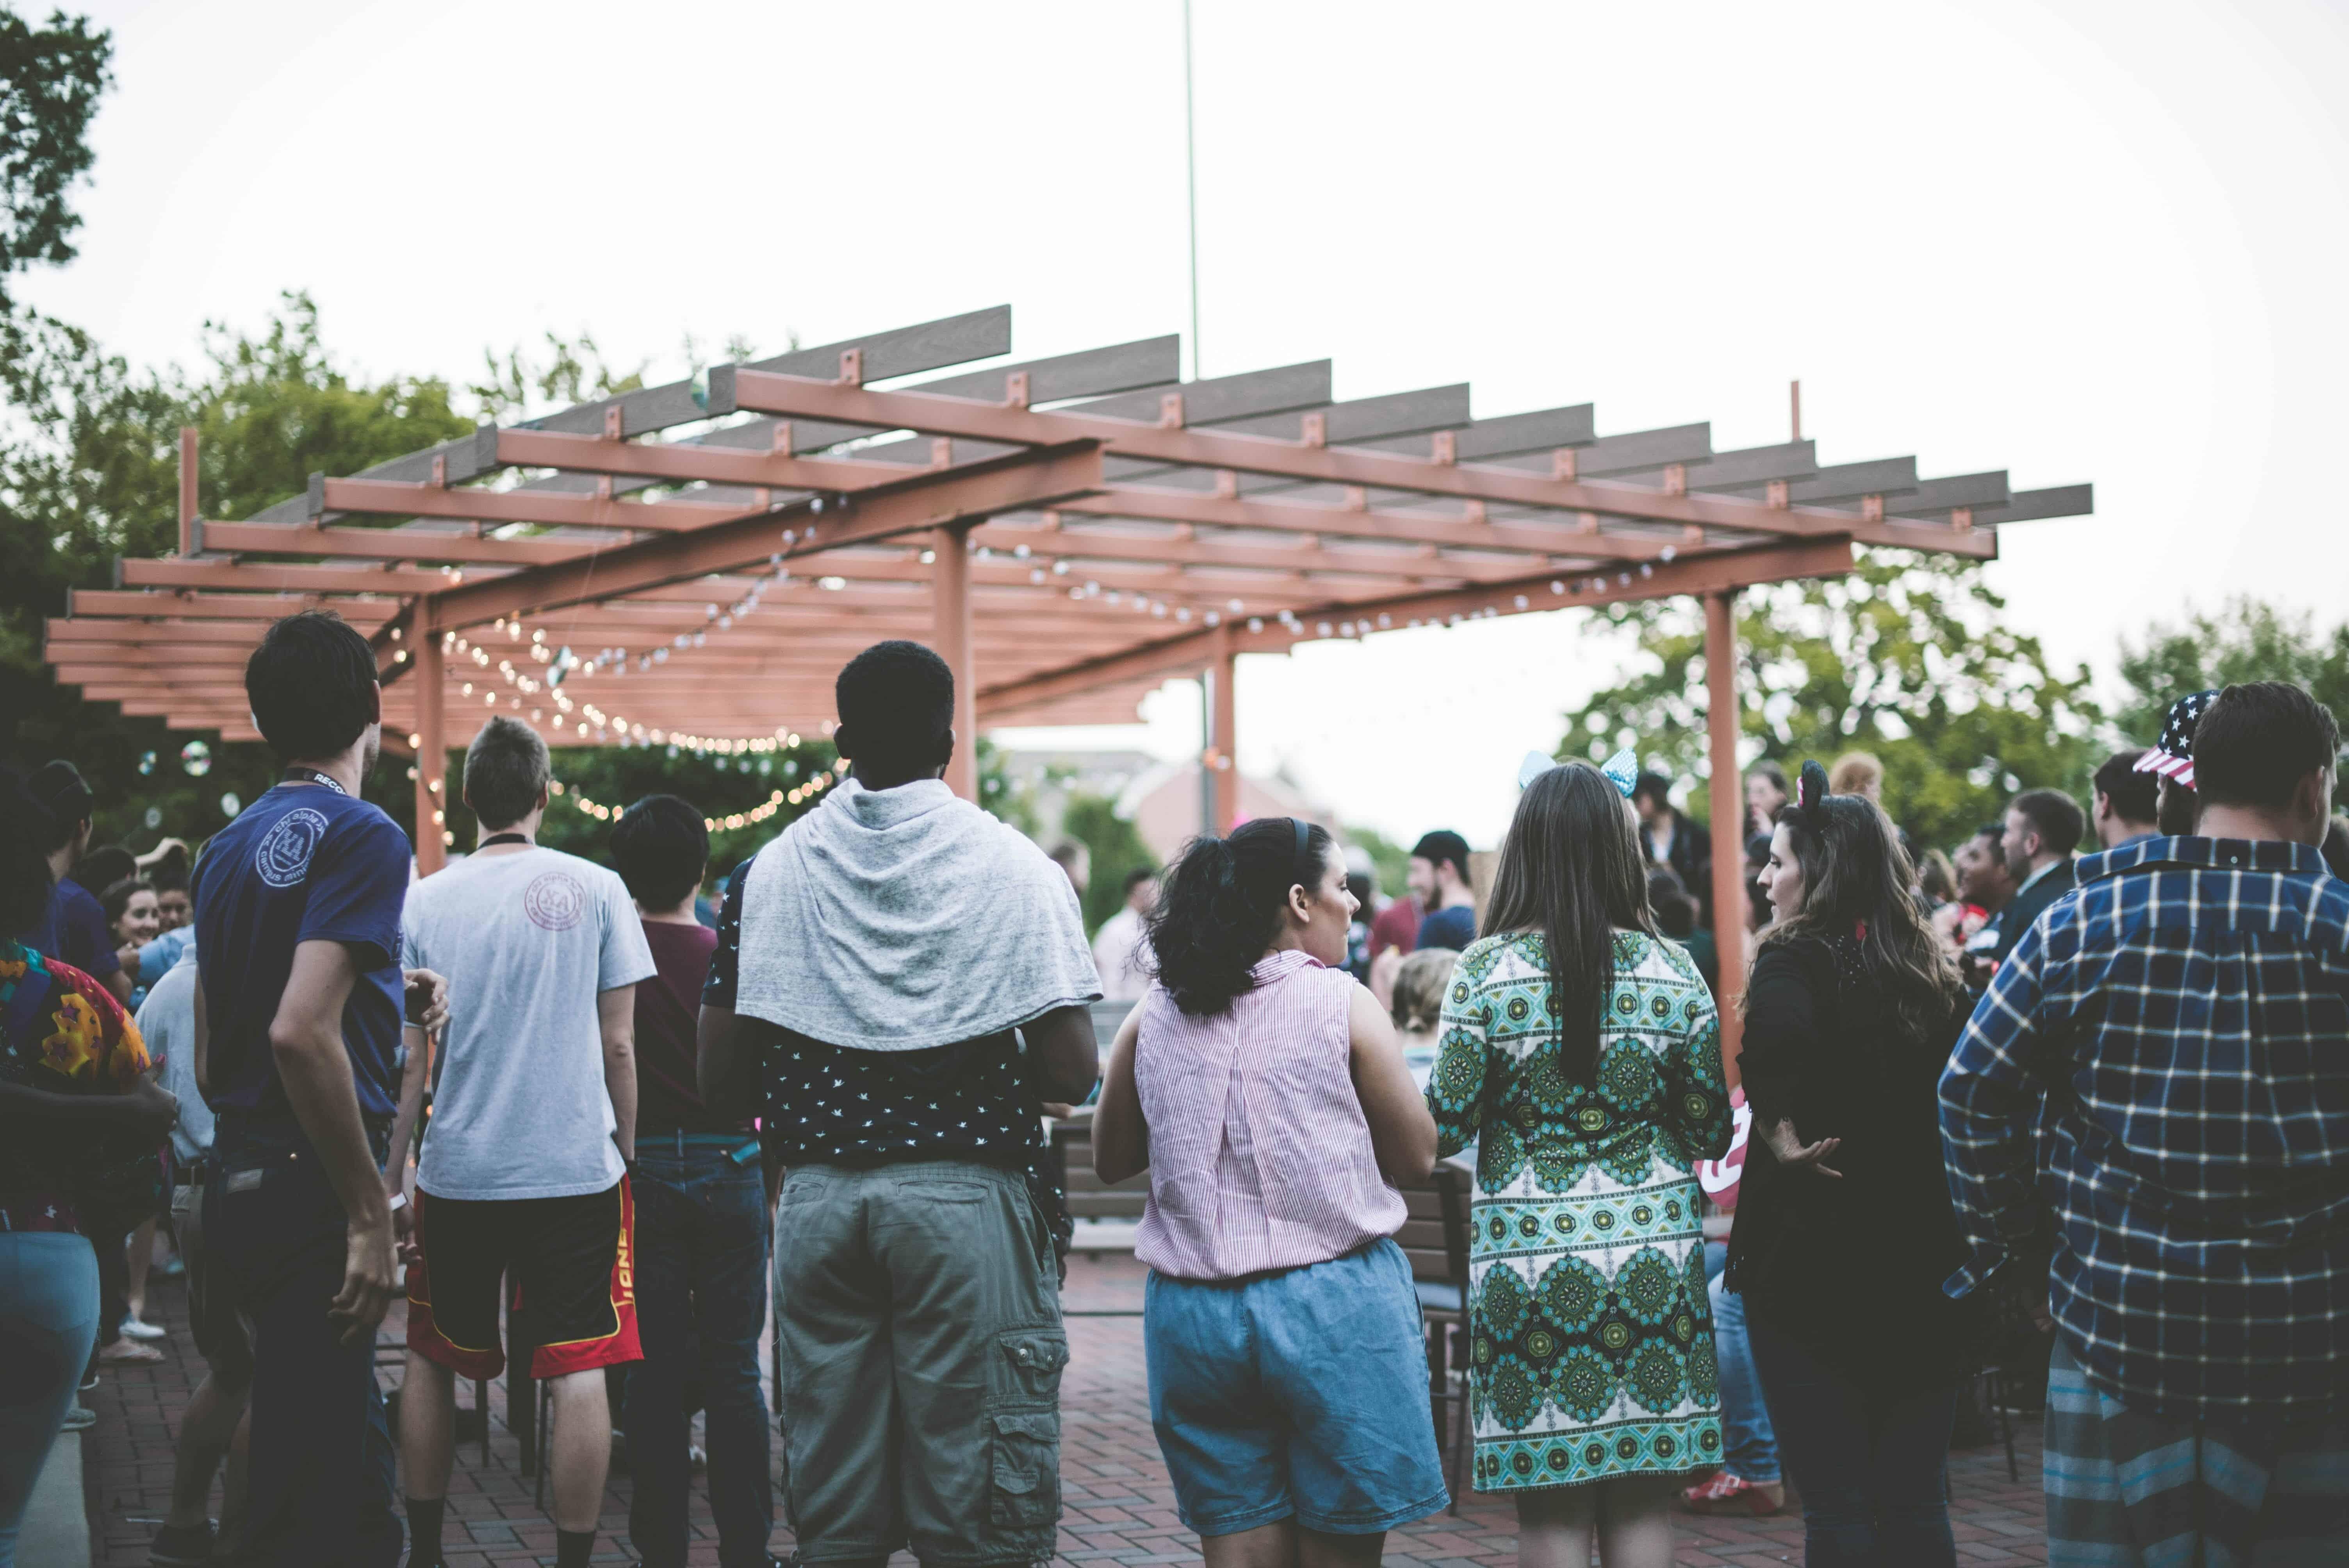 Tendance rooftop pour vos événements